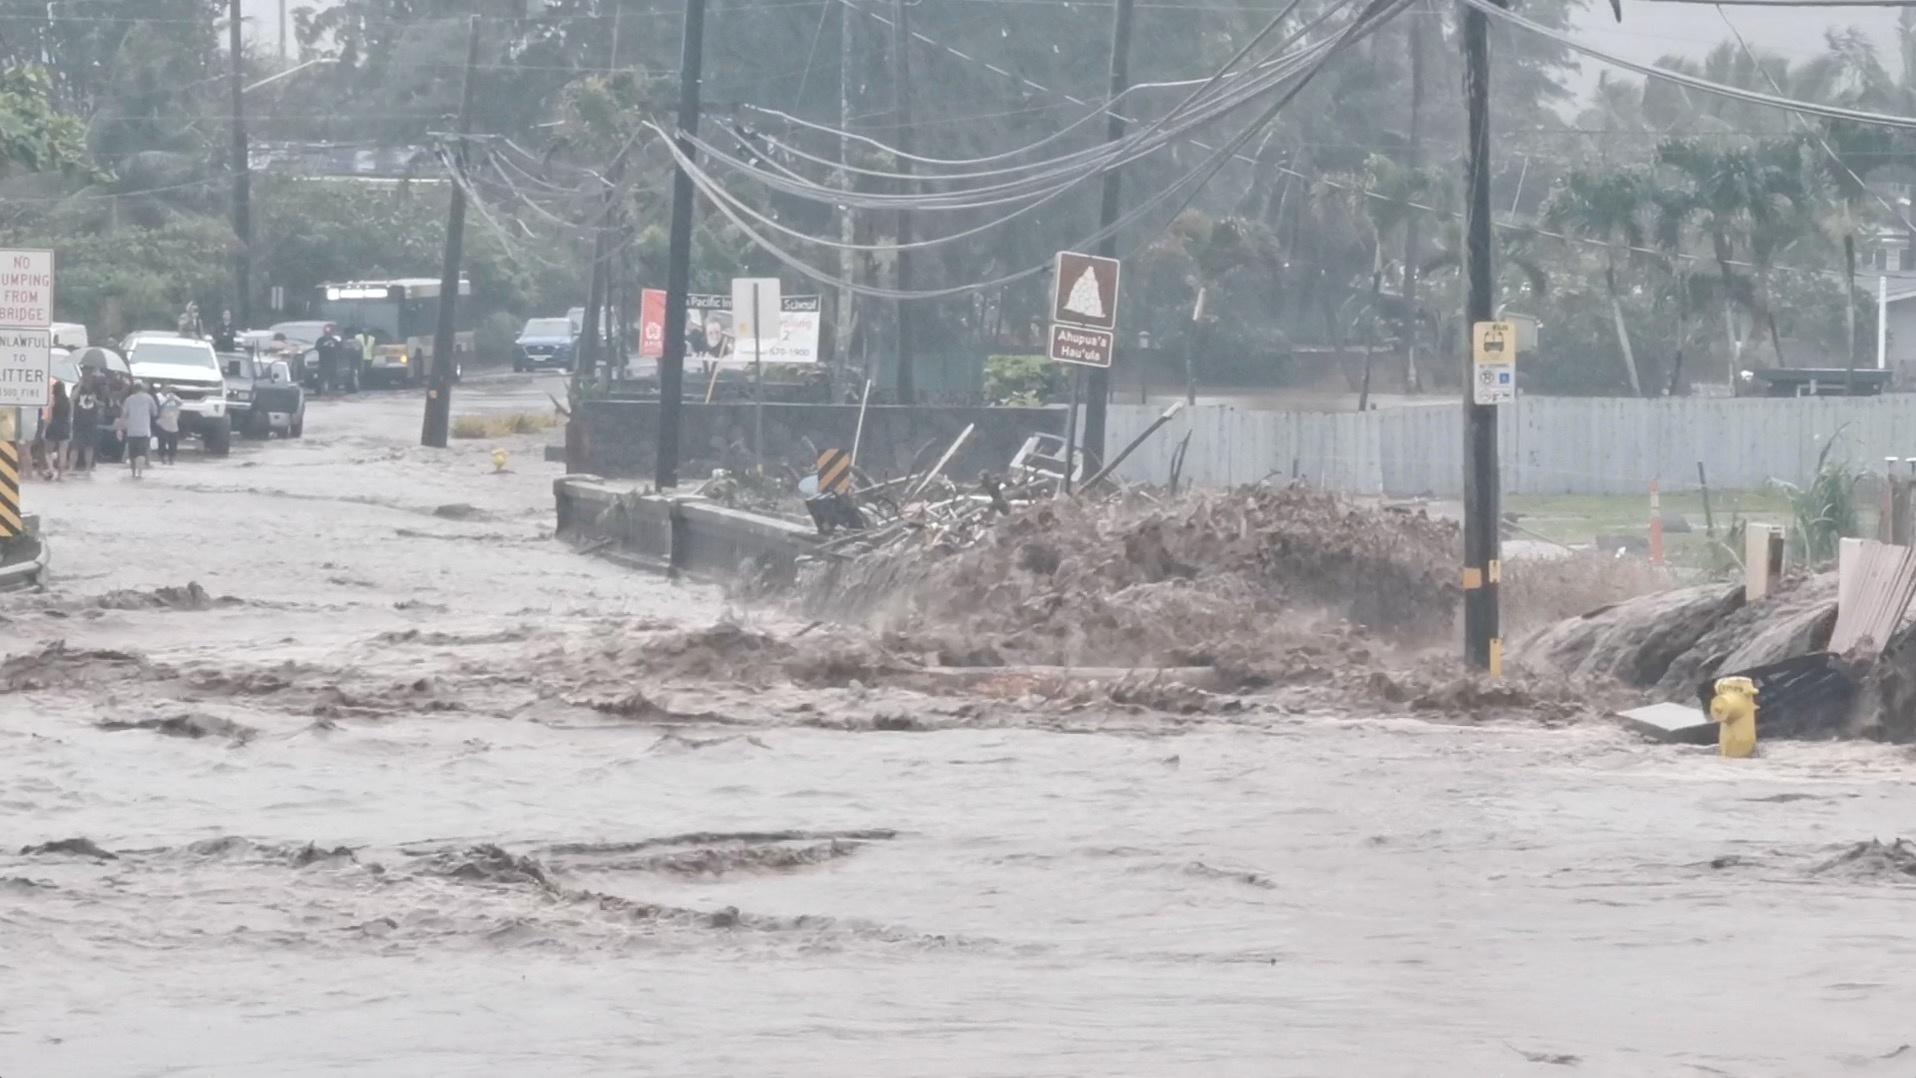 Σε κατάσταση έκτακτης ανάγκης η Χαβάη λόγω των πλημμυρών (pics)